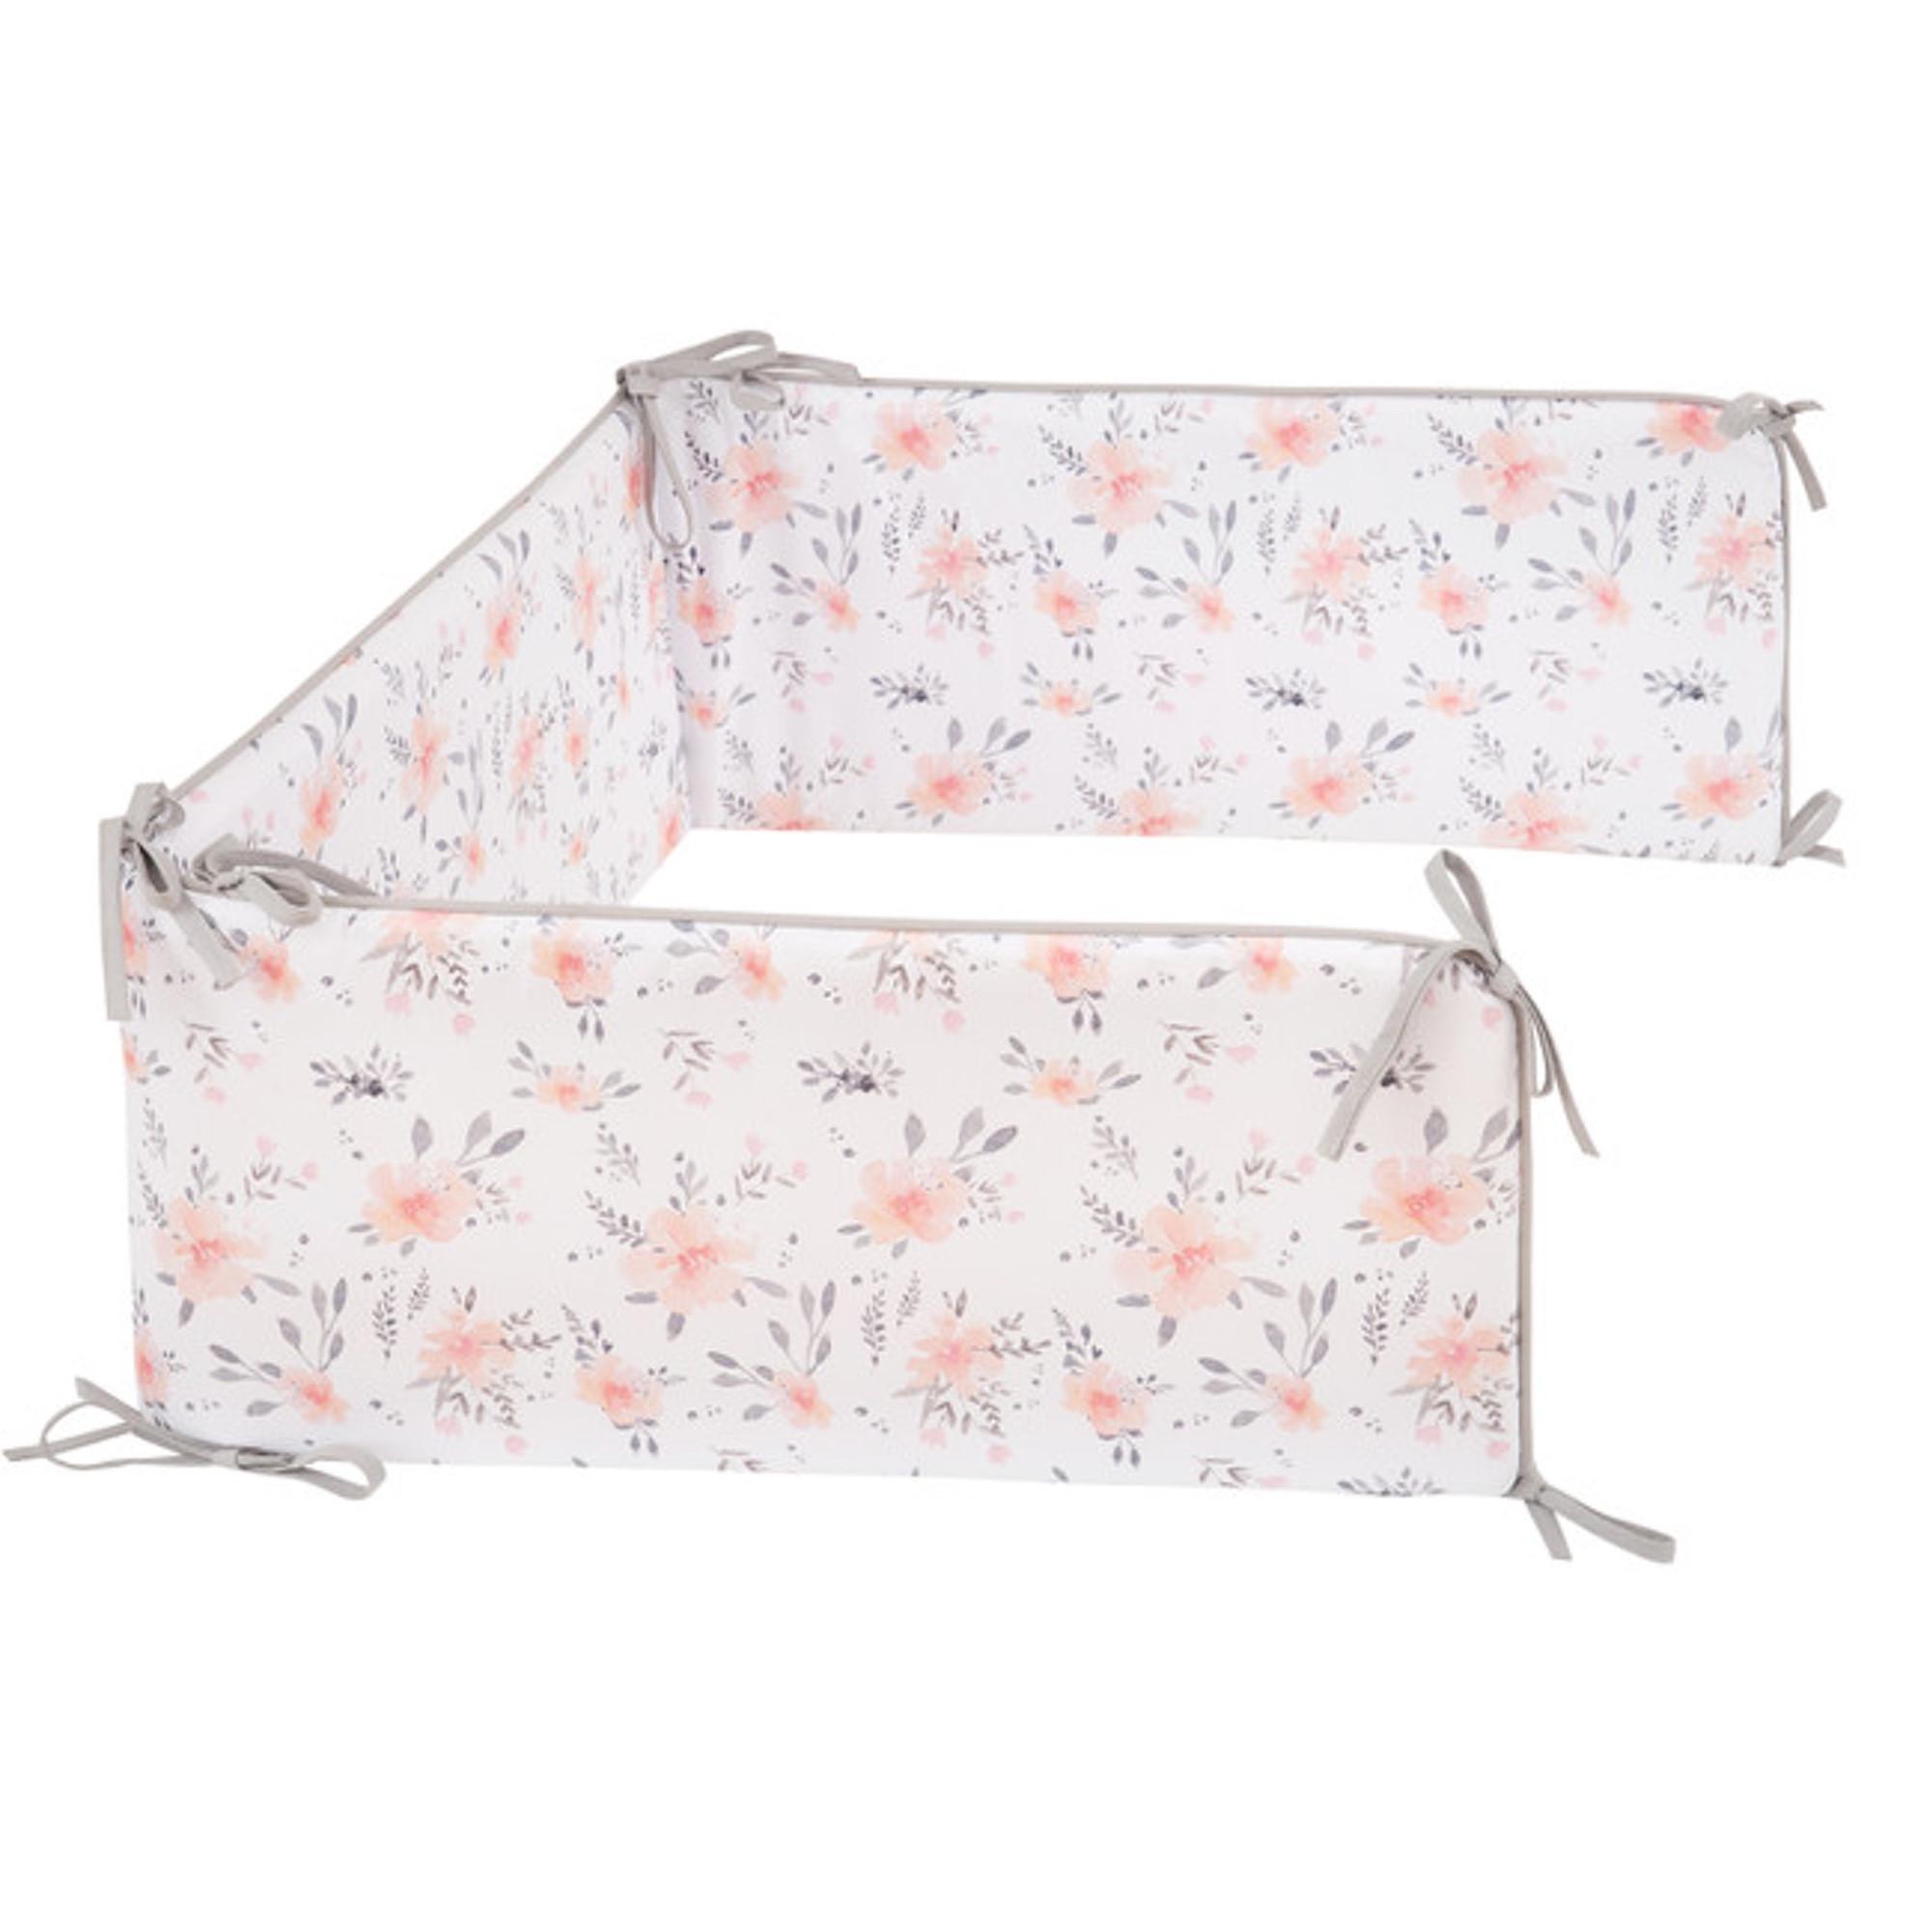 Tour de lit universel blanc à motifs bébé